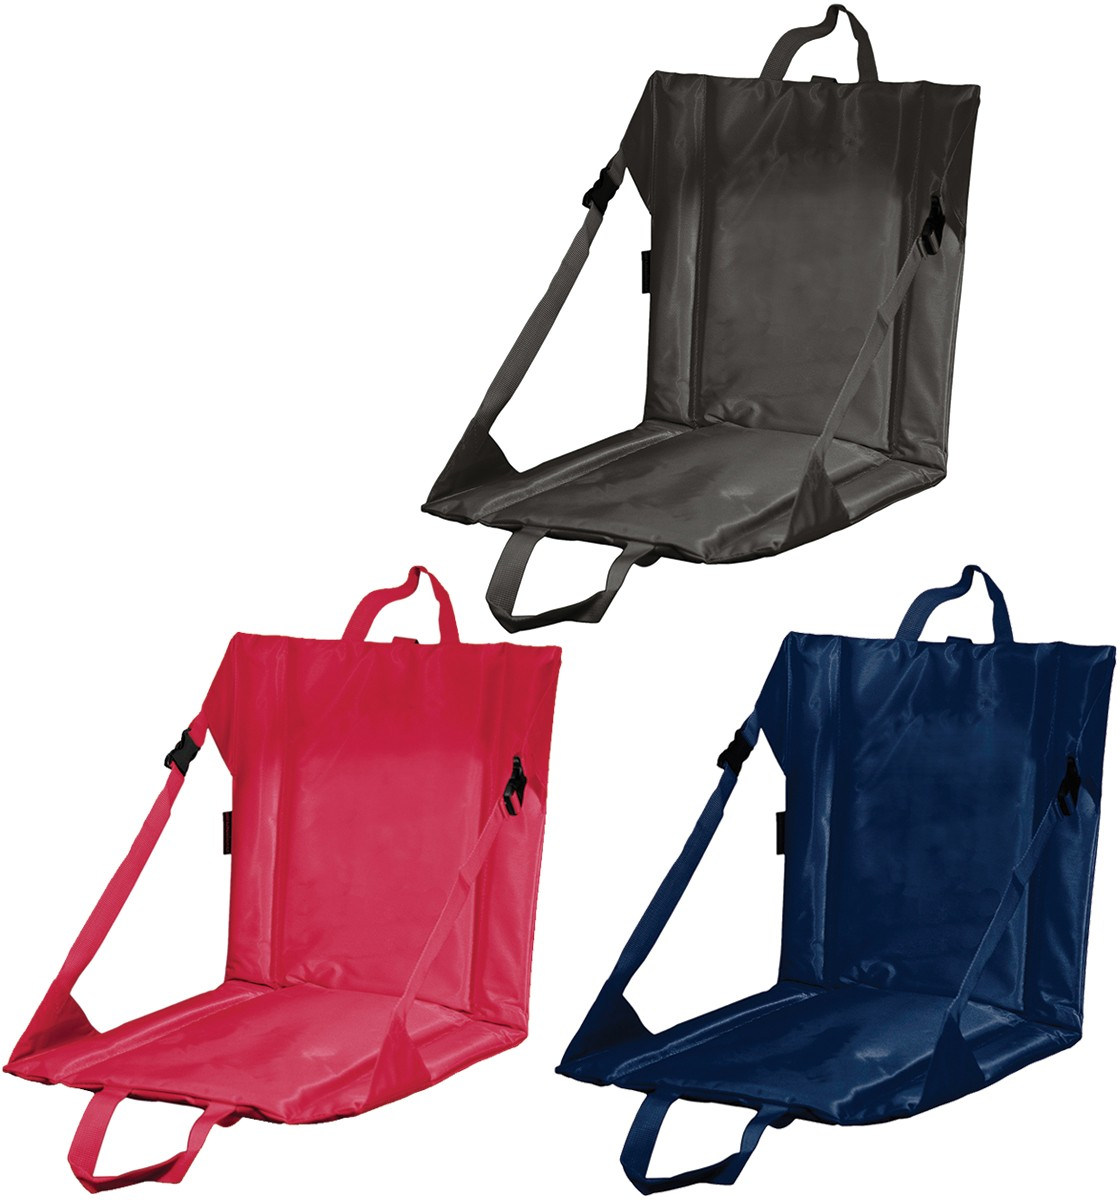 Folding Stadium Seat Cushion With Backrest A00 021